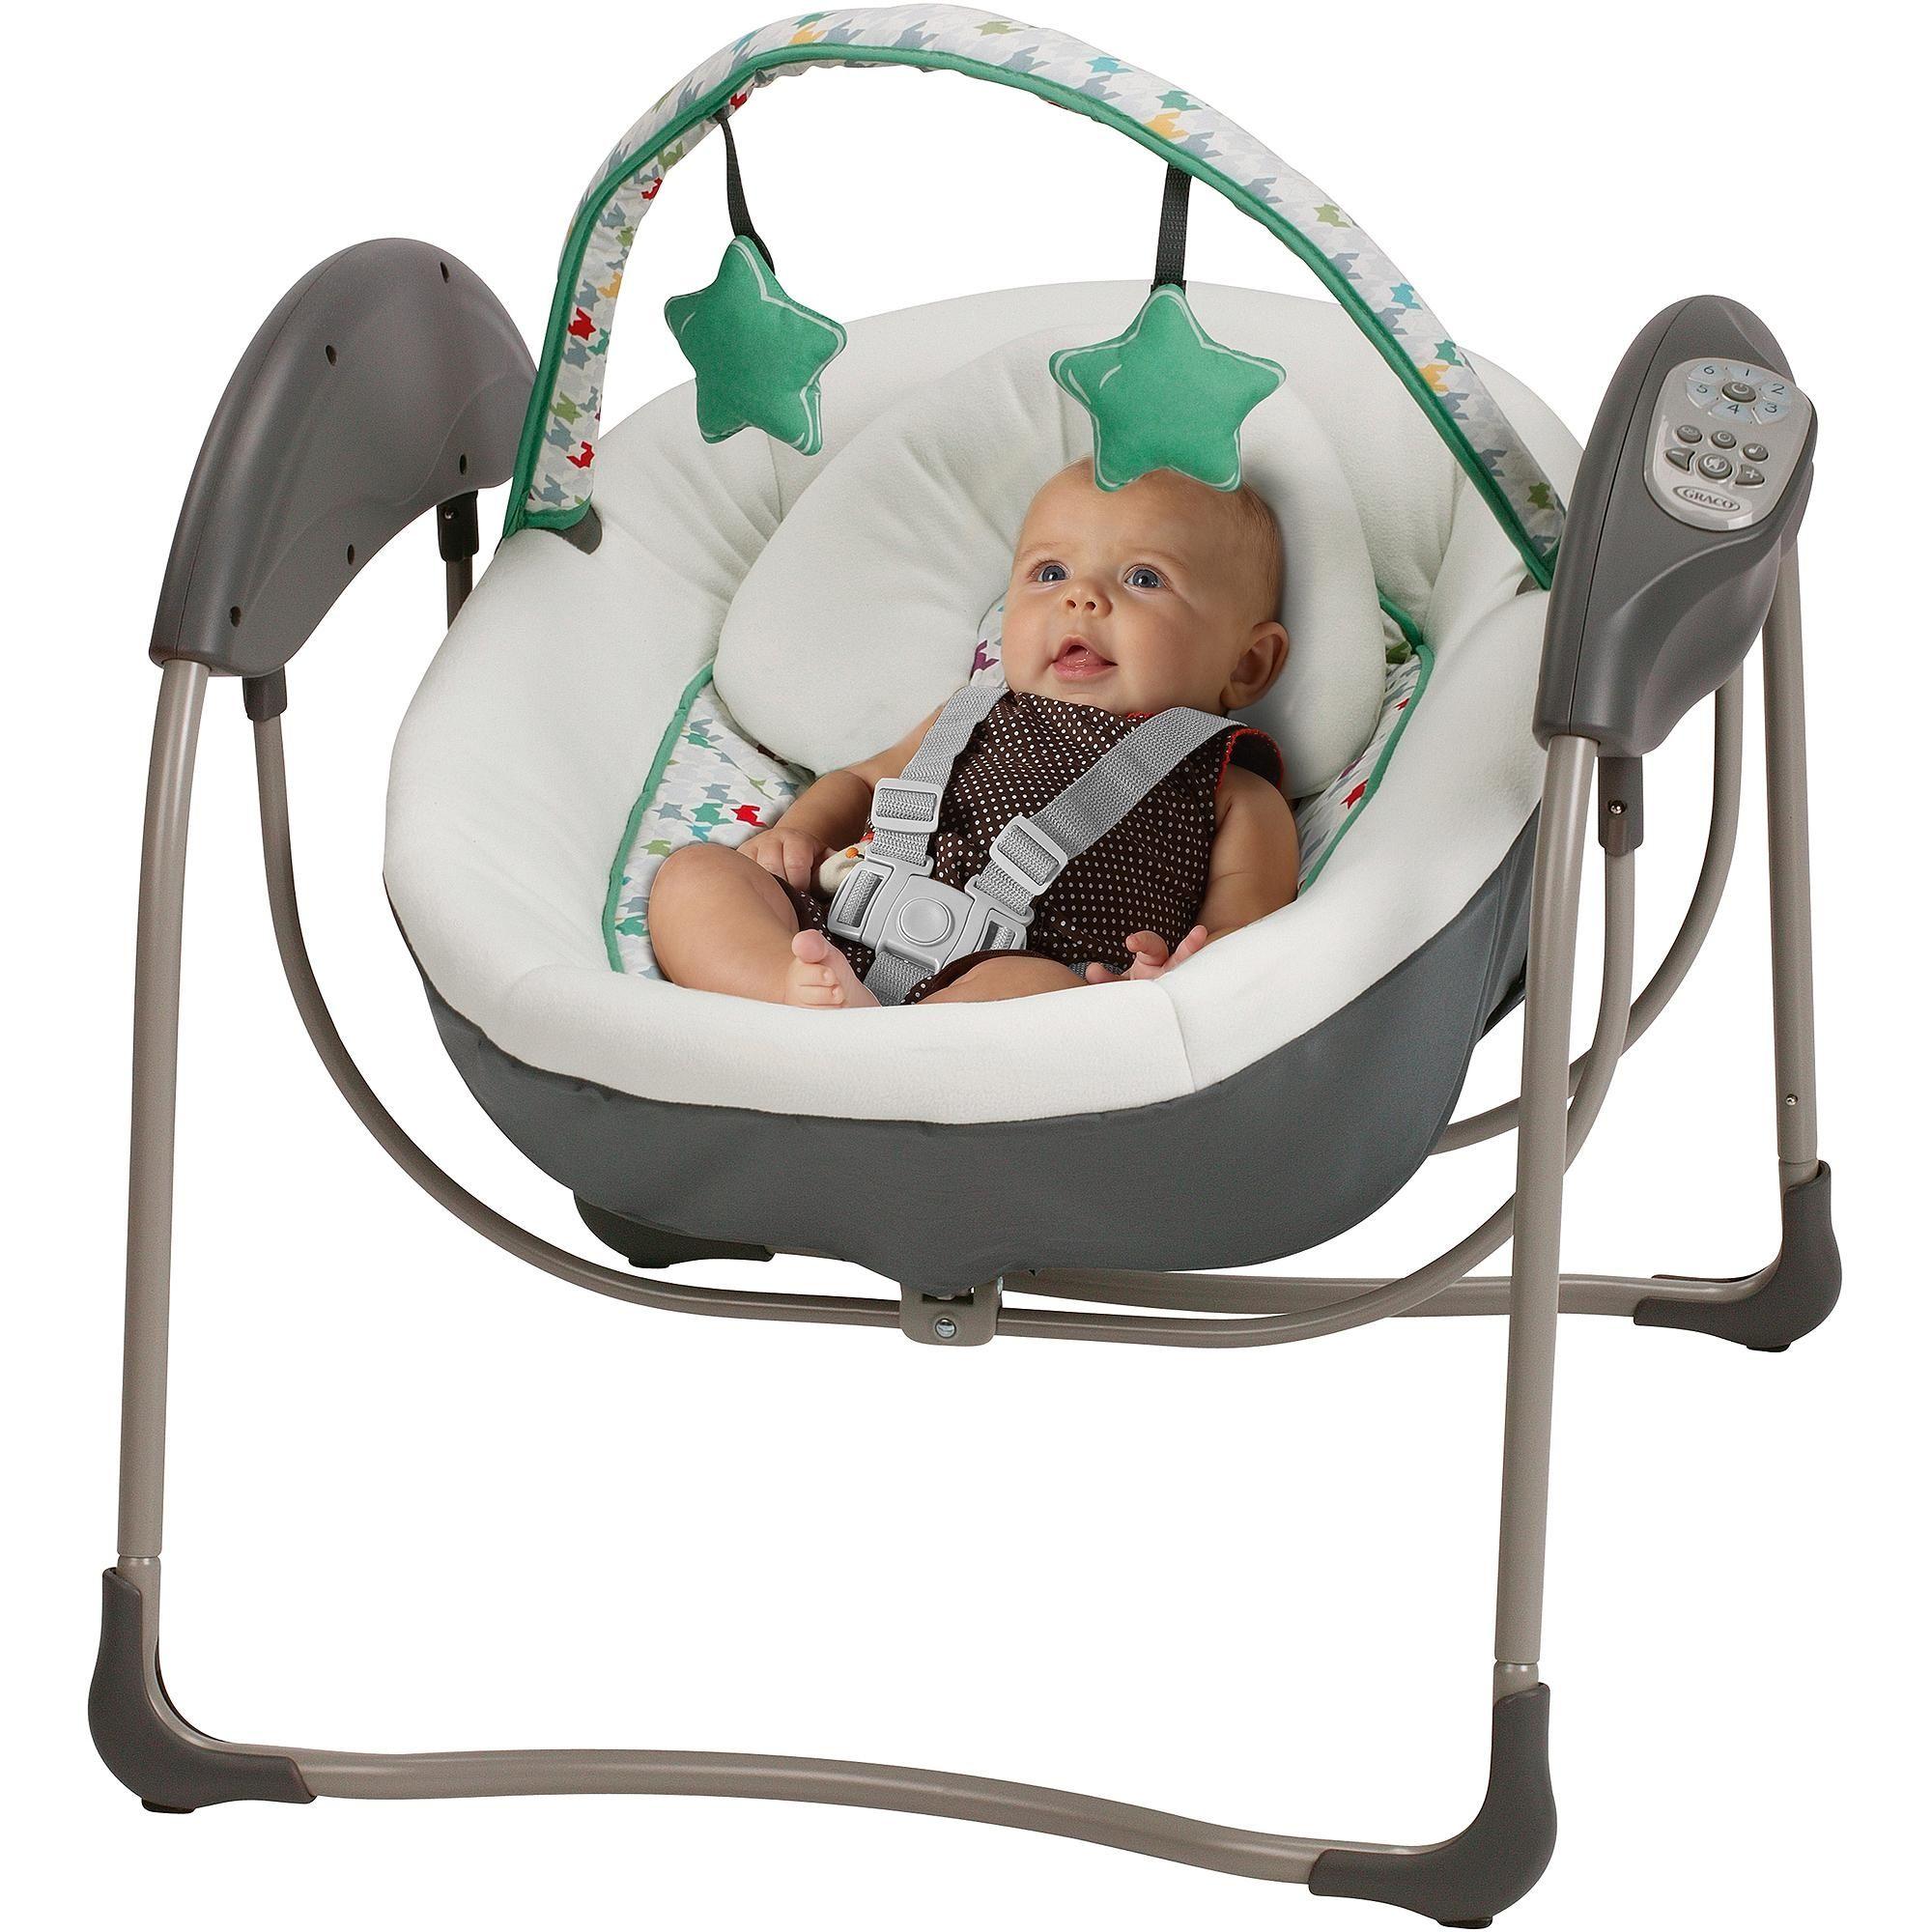 cute baby swing set  infant swings baby gear  cute baby gear  - cute baby swing set  infant swings baby gear